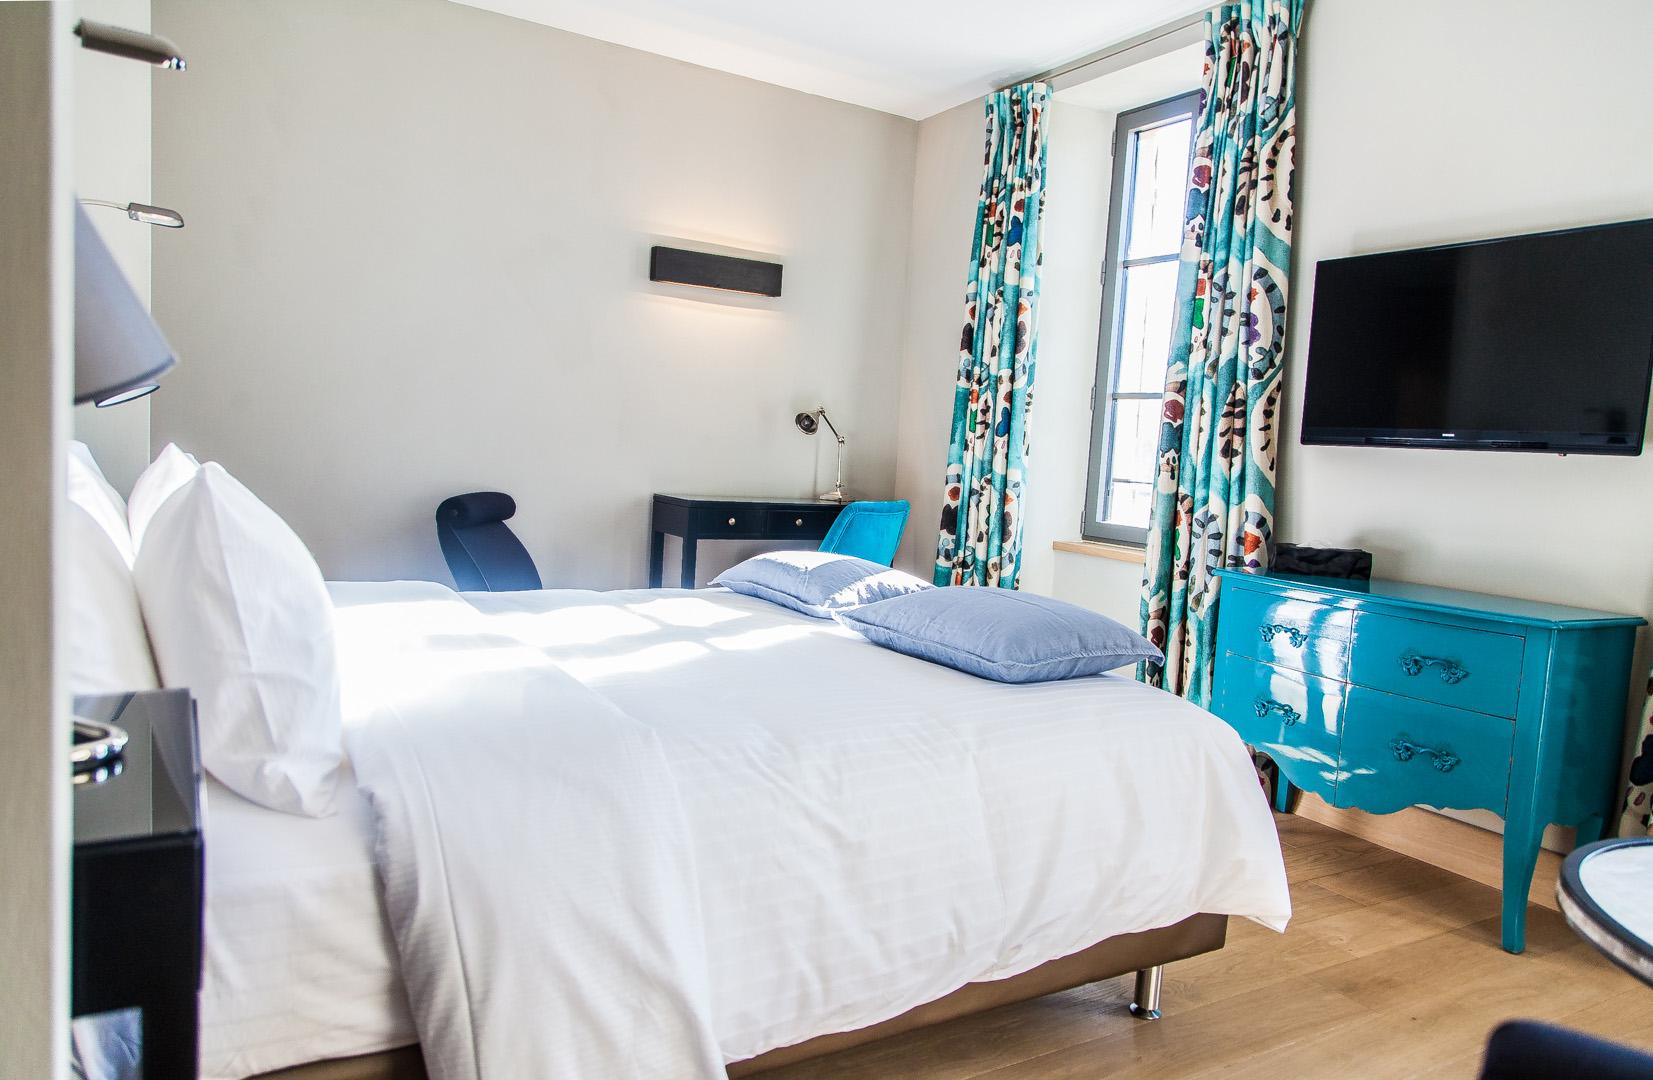 syrah chambre de charme la d coration raffin e bastide saint julien. Black Bedroom Furniture Sets. Home Design Ideas